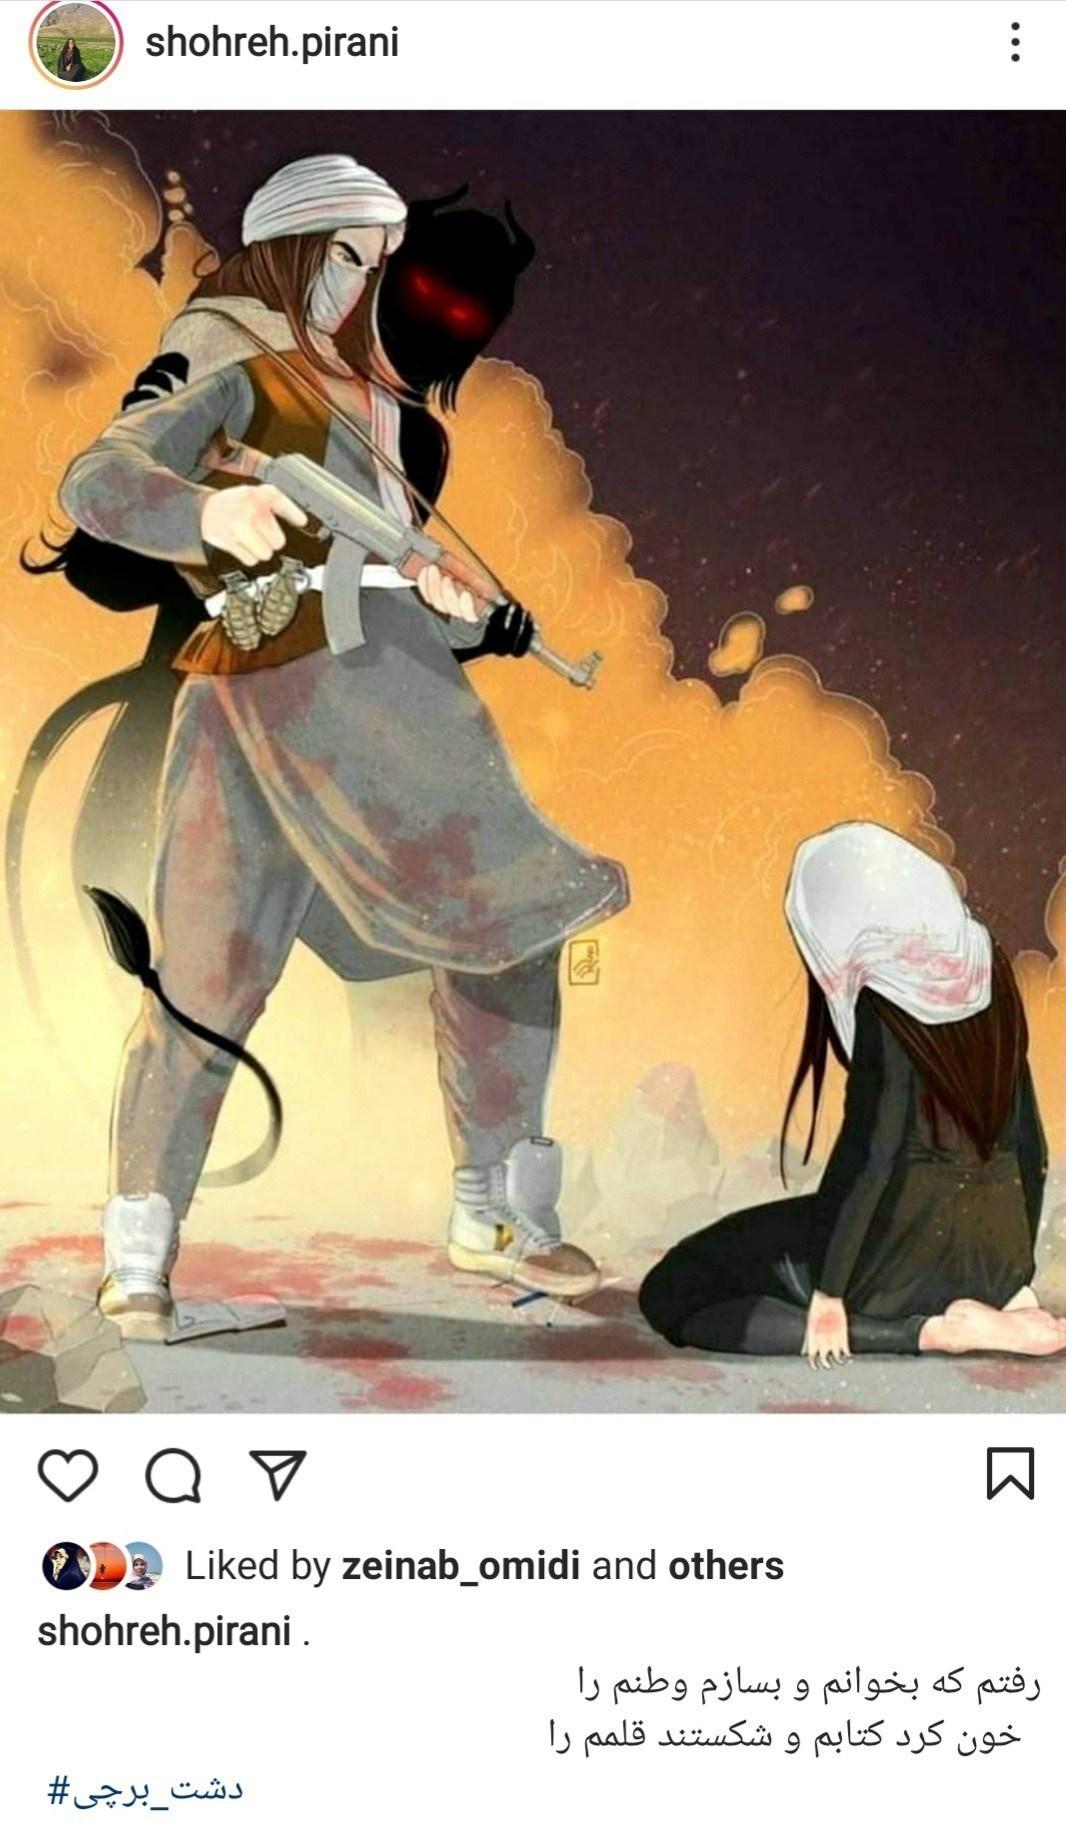 جبهه مقاومت اسلامی , کشور افغانستان , شهدای جهان اسلام ,